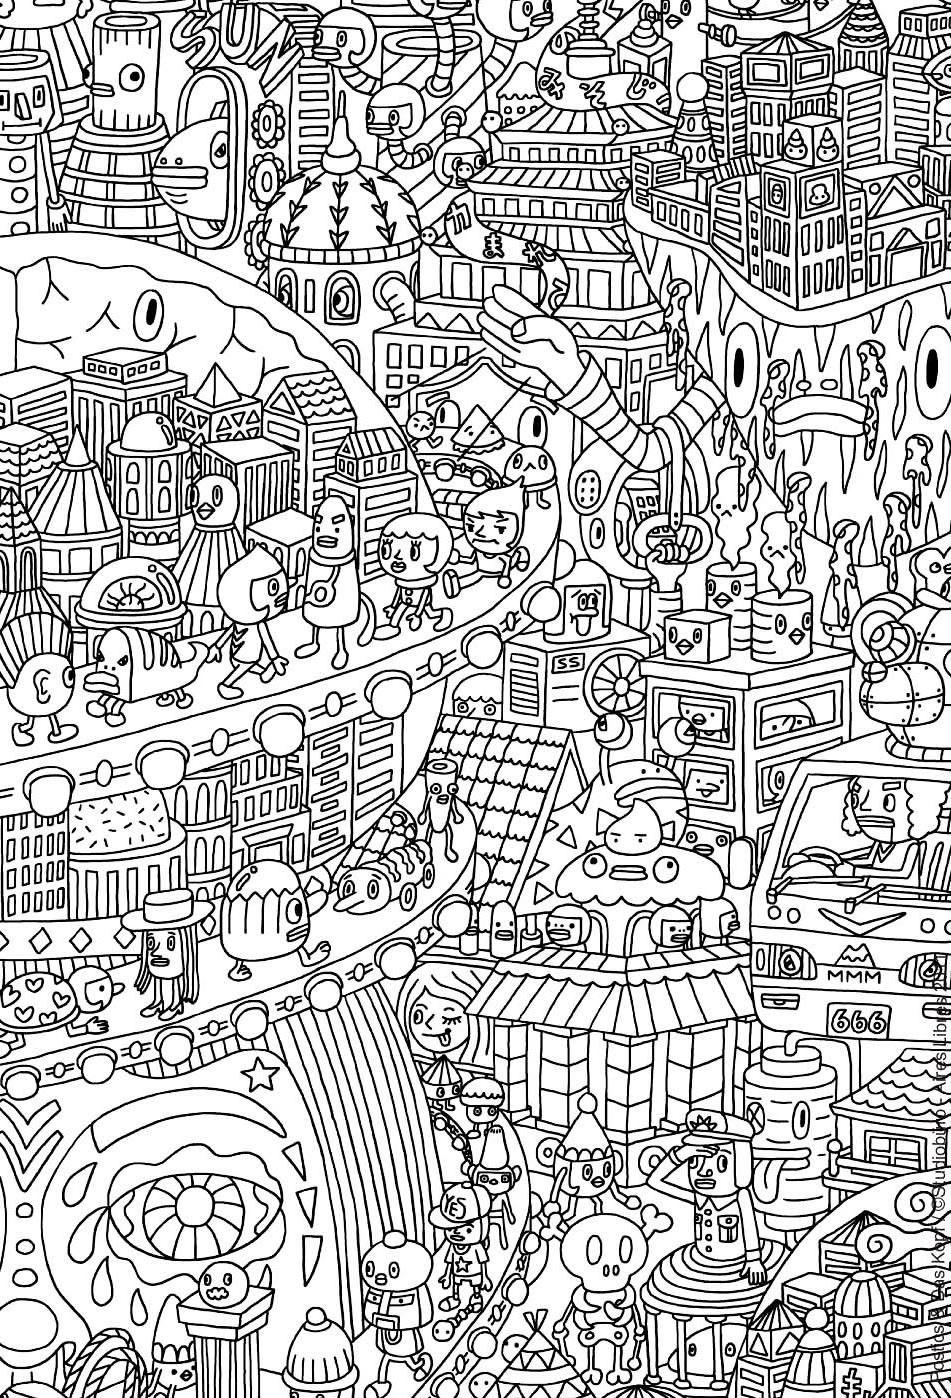 Colorear para adultos : Doodle art / Doodling - 11